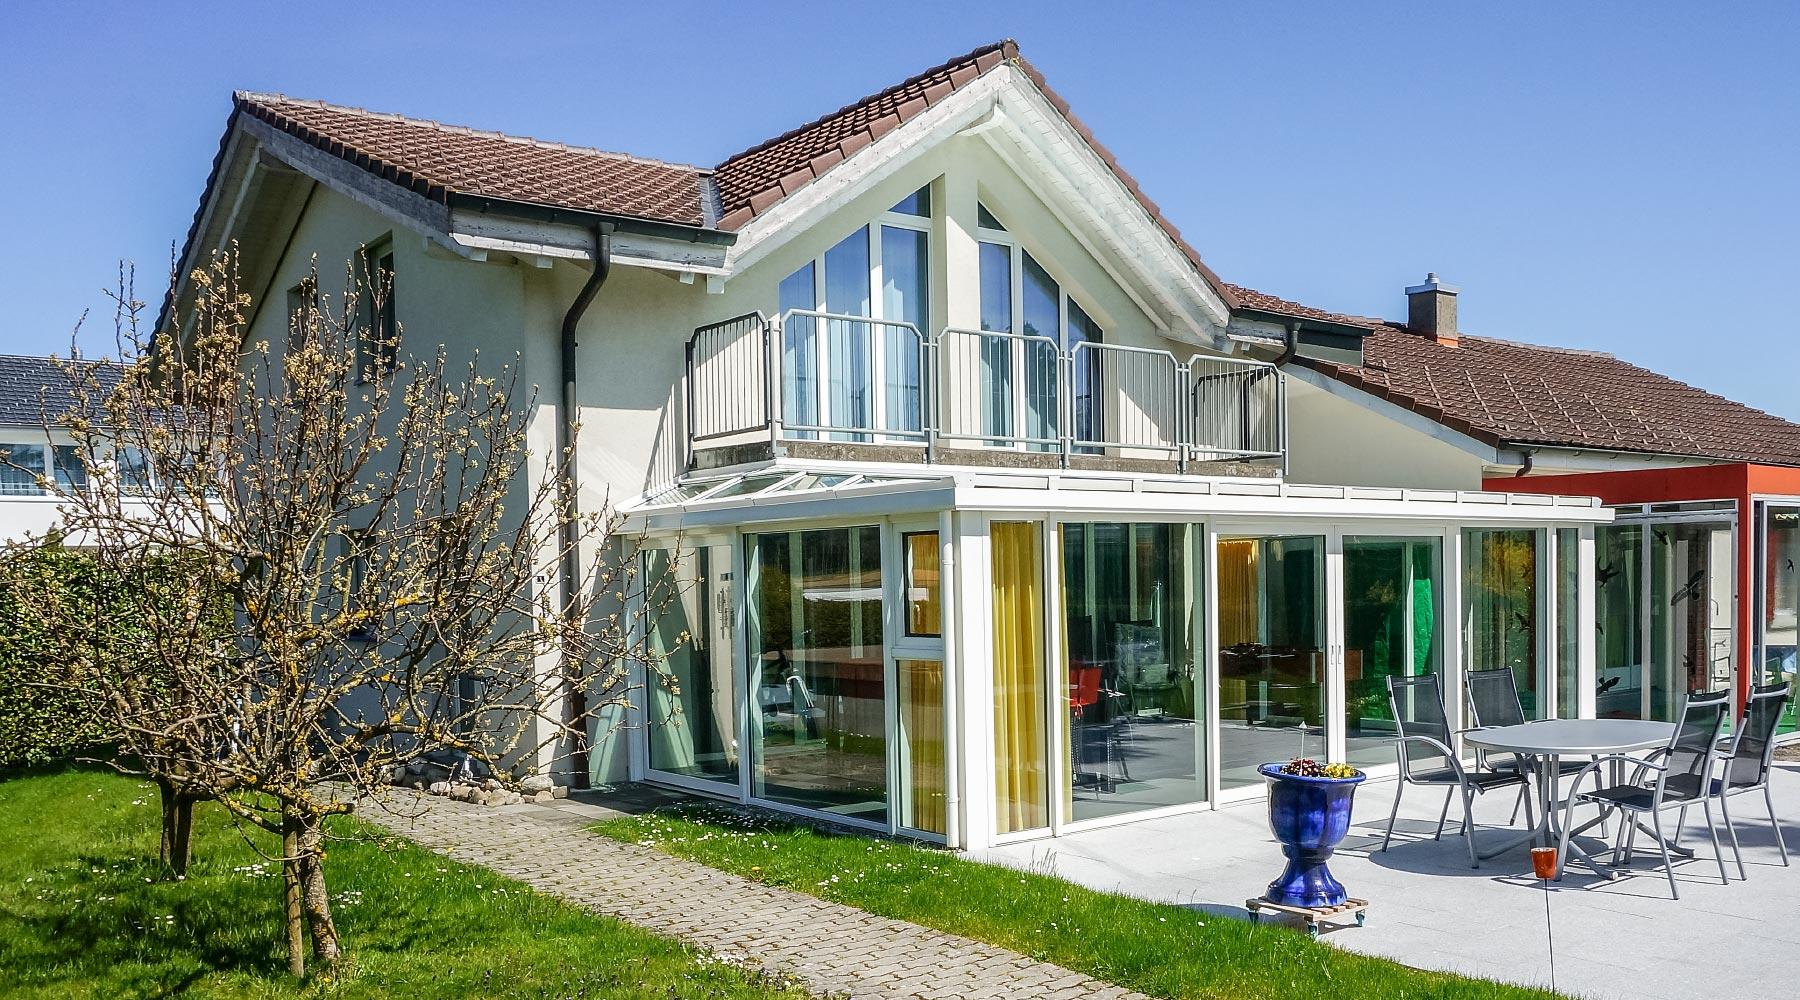 wintergarten mit balkon darber kosten innenr ume und m bel ideen. Black Bedroom Furniture Sets. Home Design Ideas